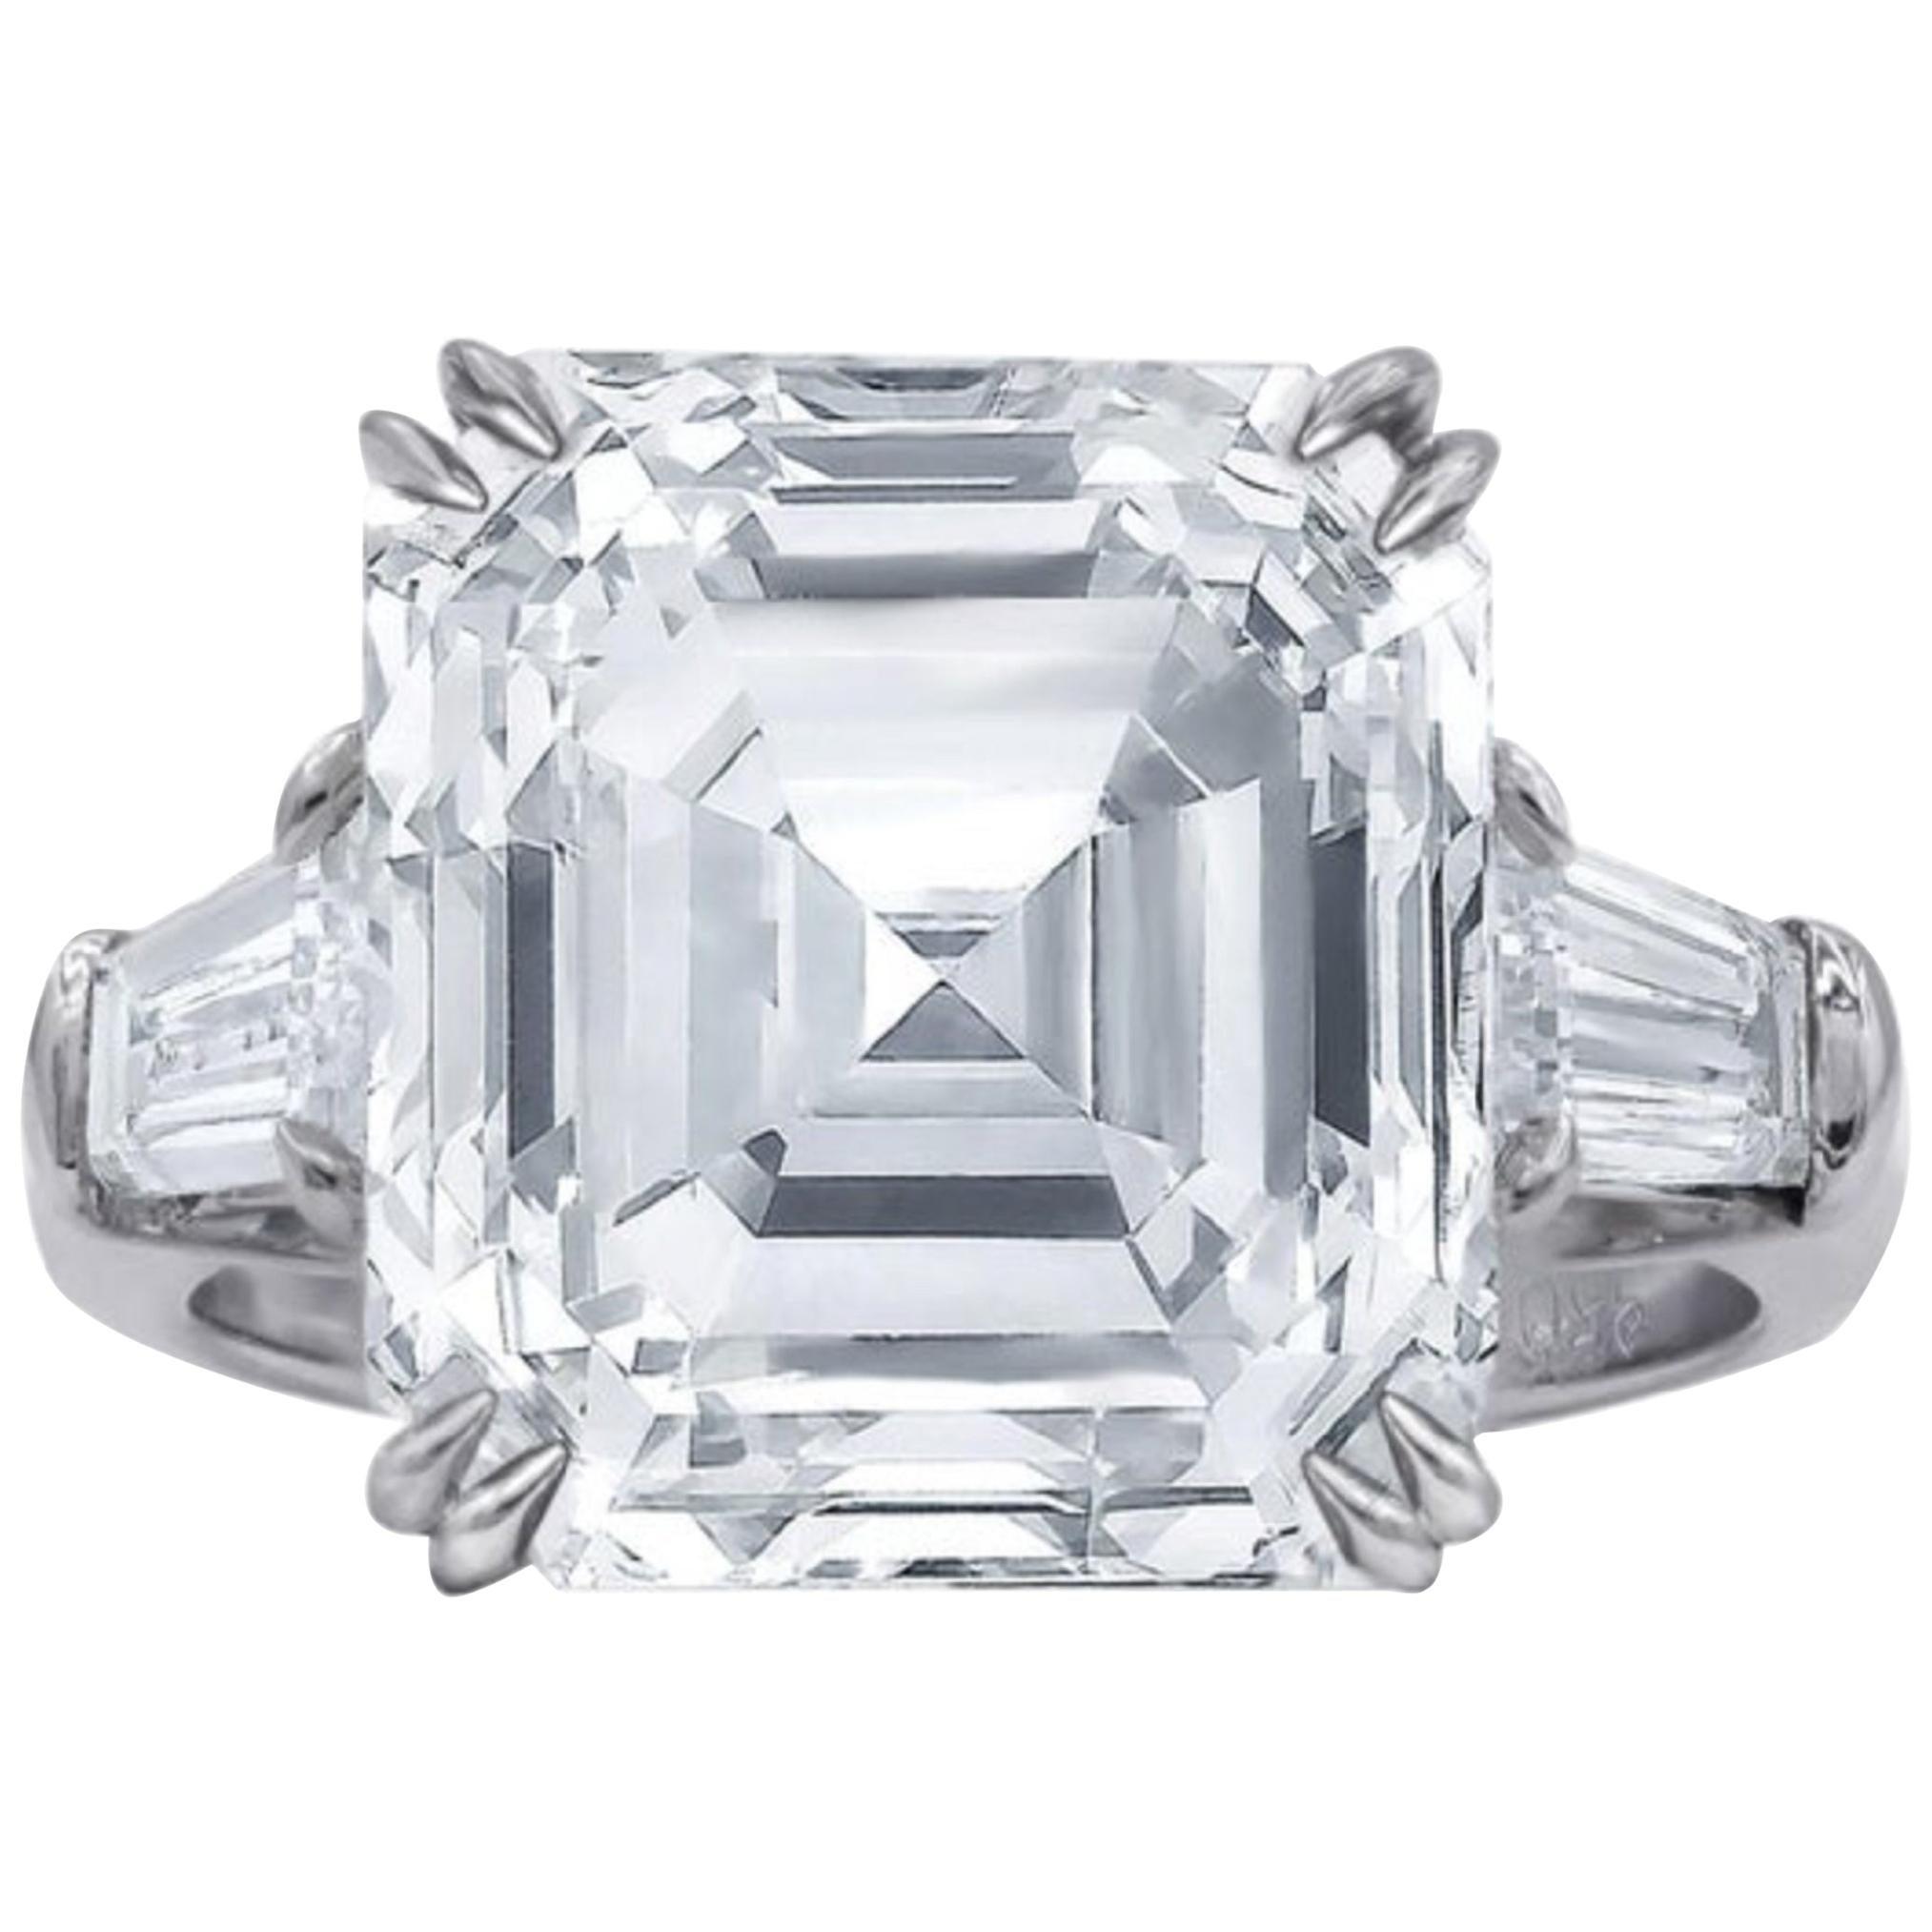 GIA Certified 3.65 Carat Asscher Cut Diamond Platinum Ring